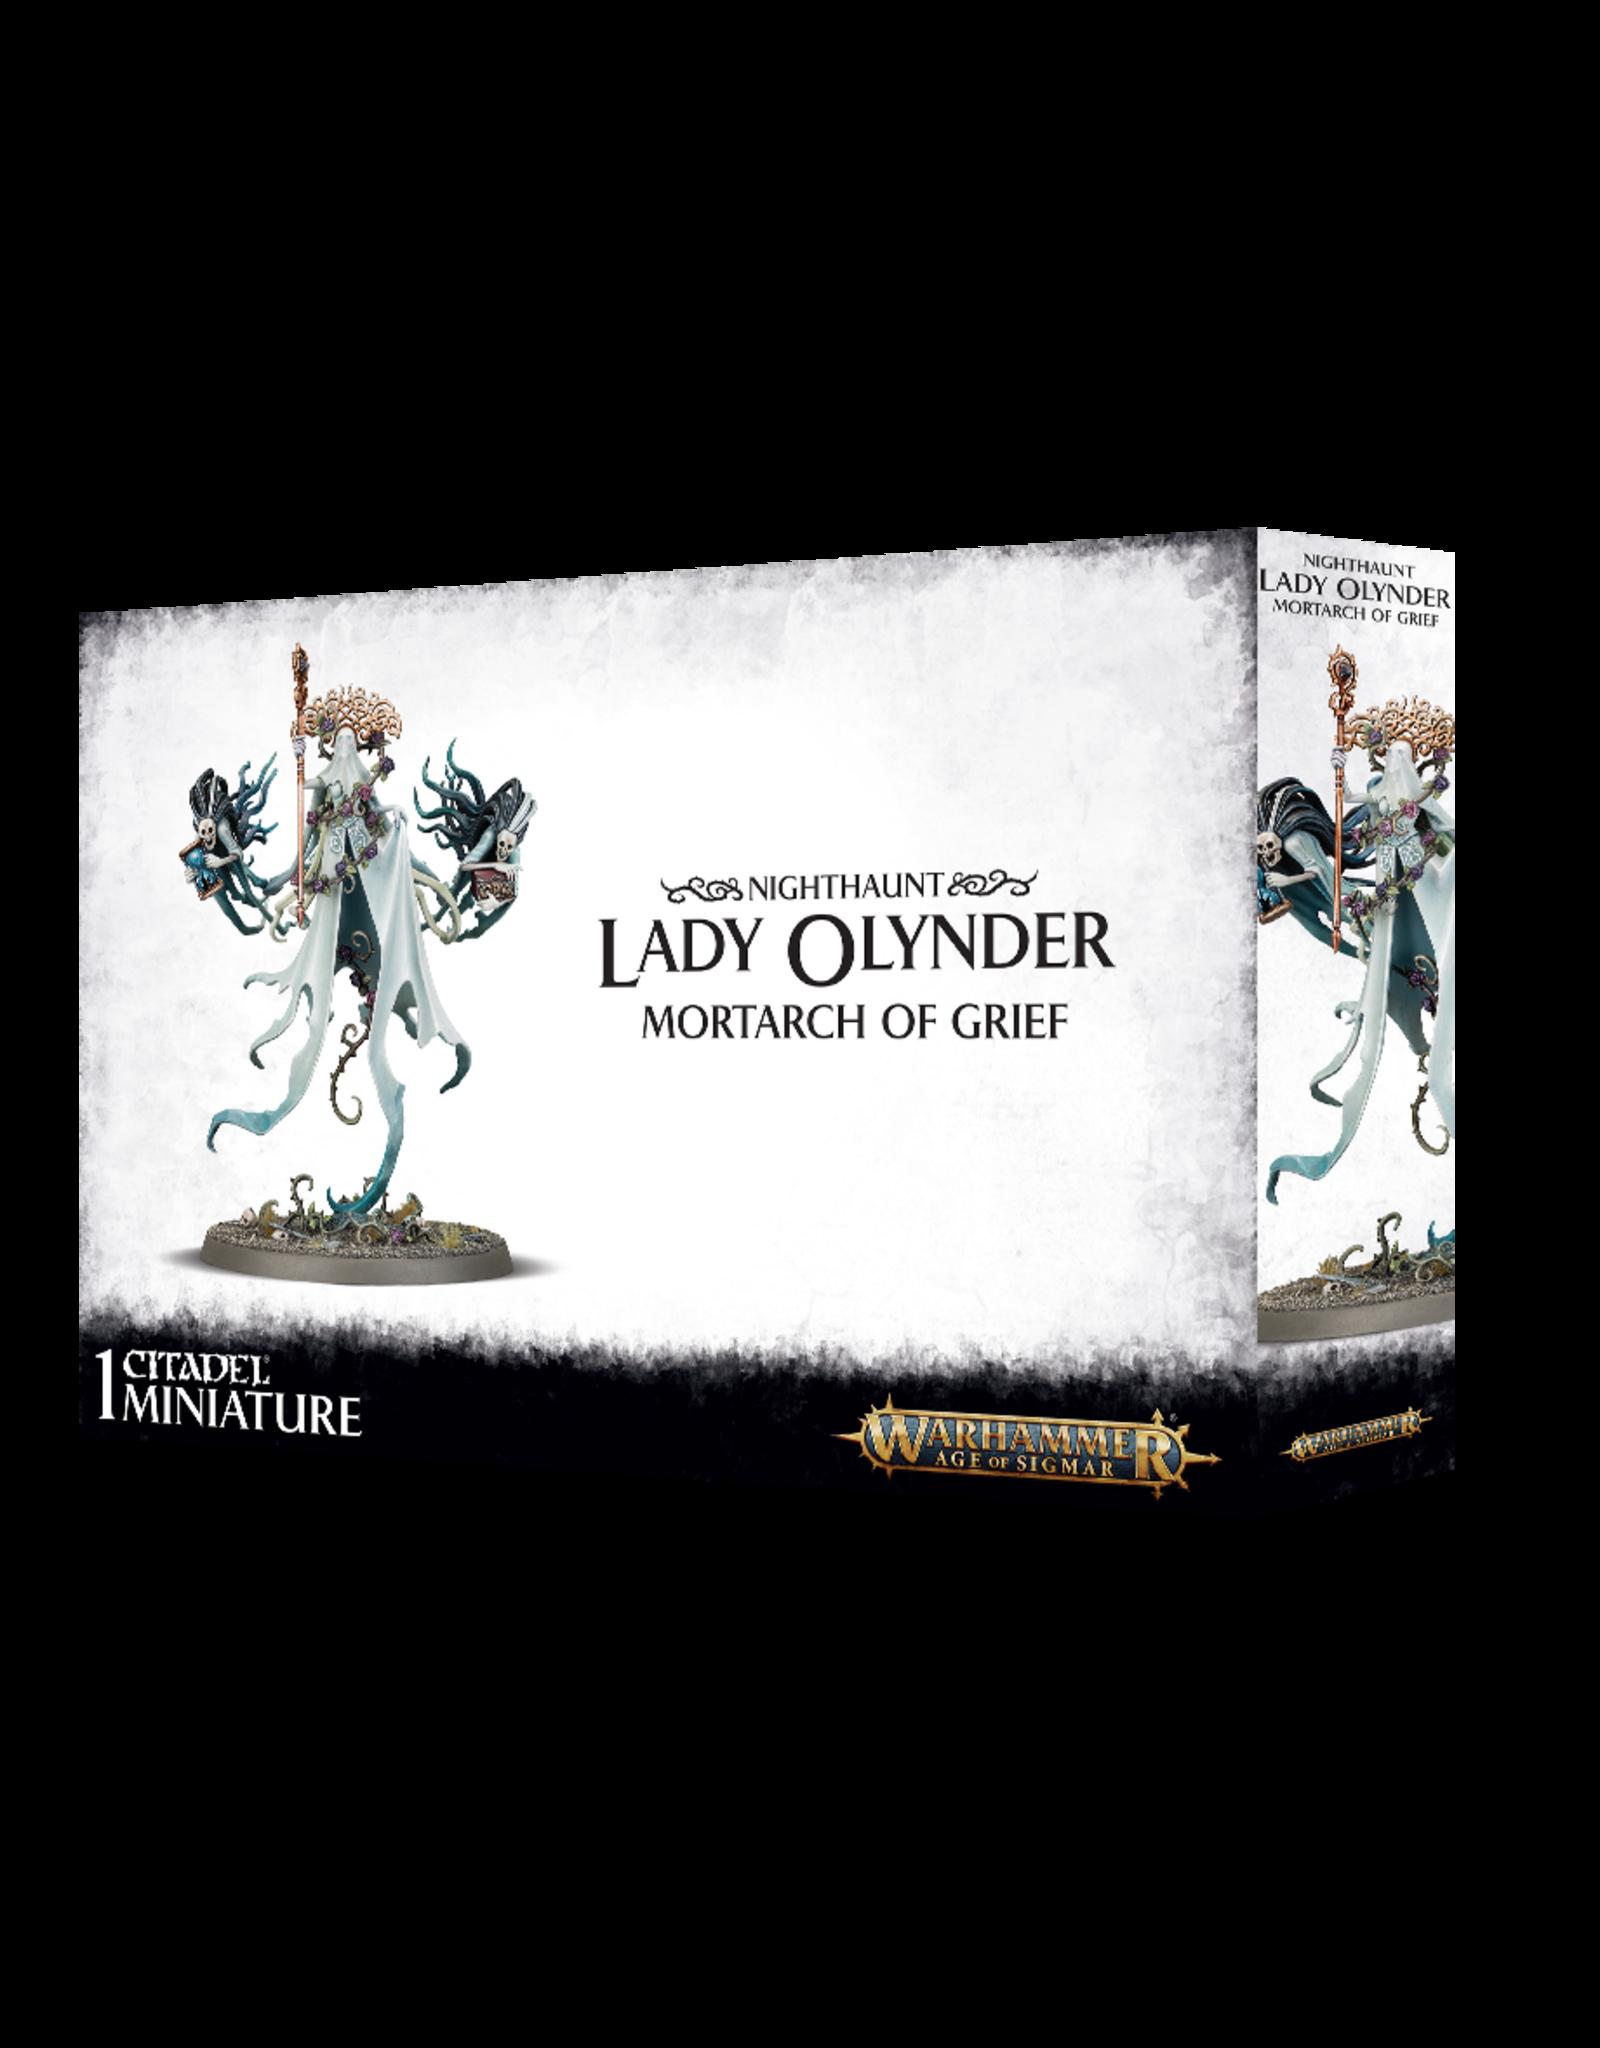 Age of Sigmar NIGHTHAUNT LADY OLYNDER